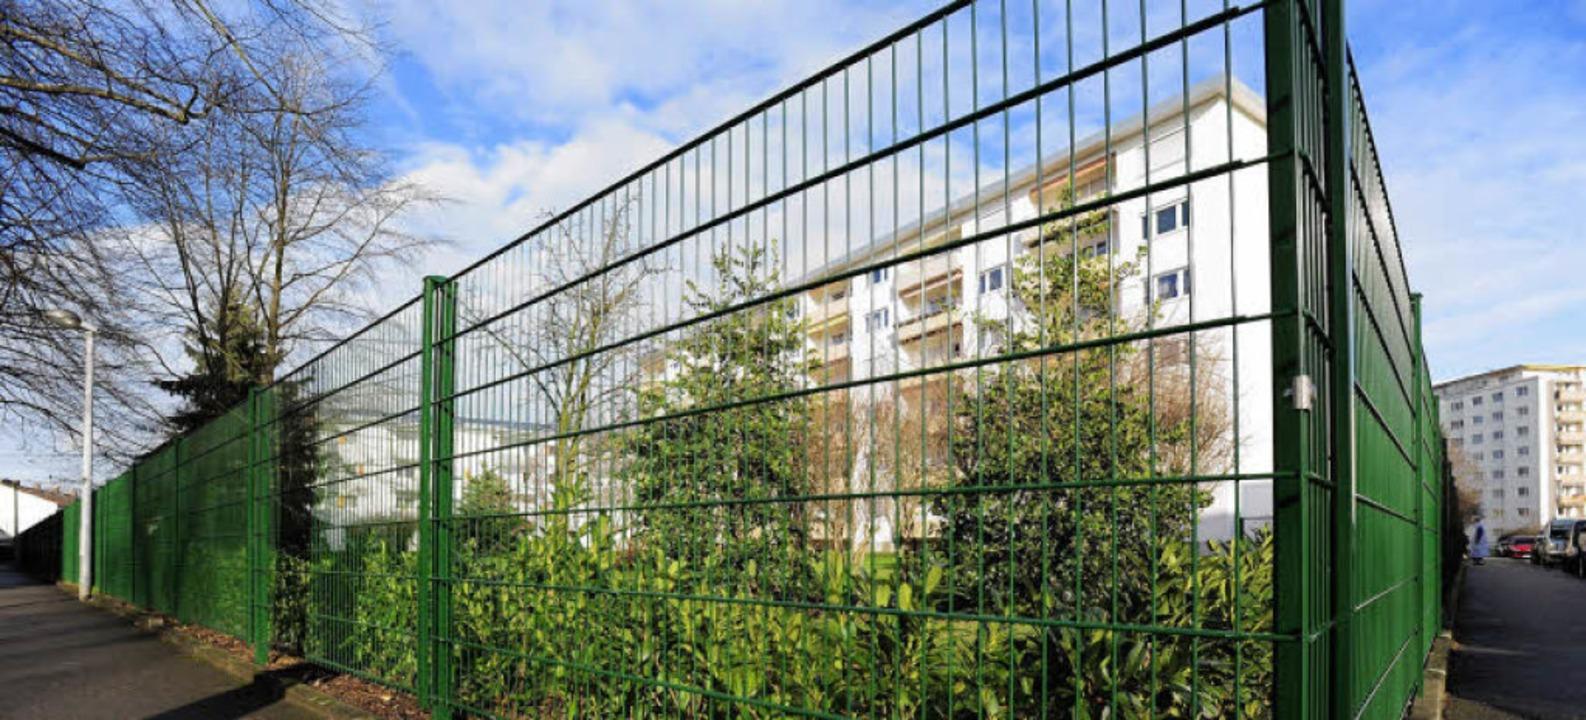 Eingezäunt ist neuerdings die Wiese hi...dem Wohnkomplex Thannhauserstaße 8-12.    Foto: Ingo Schneider